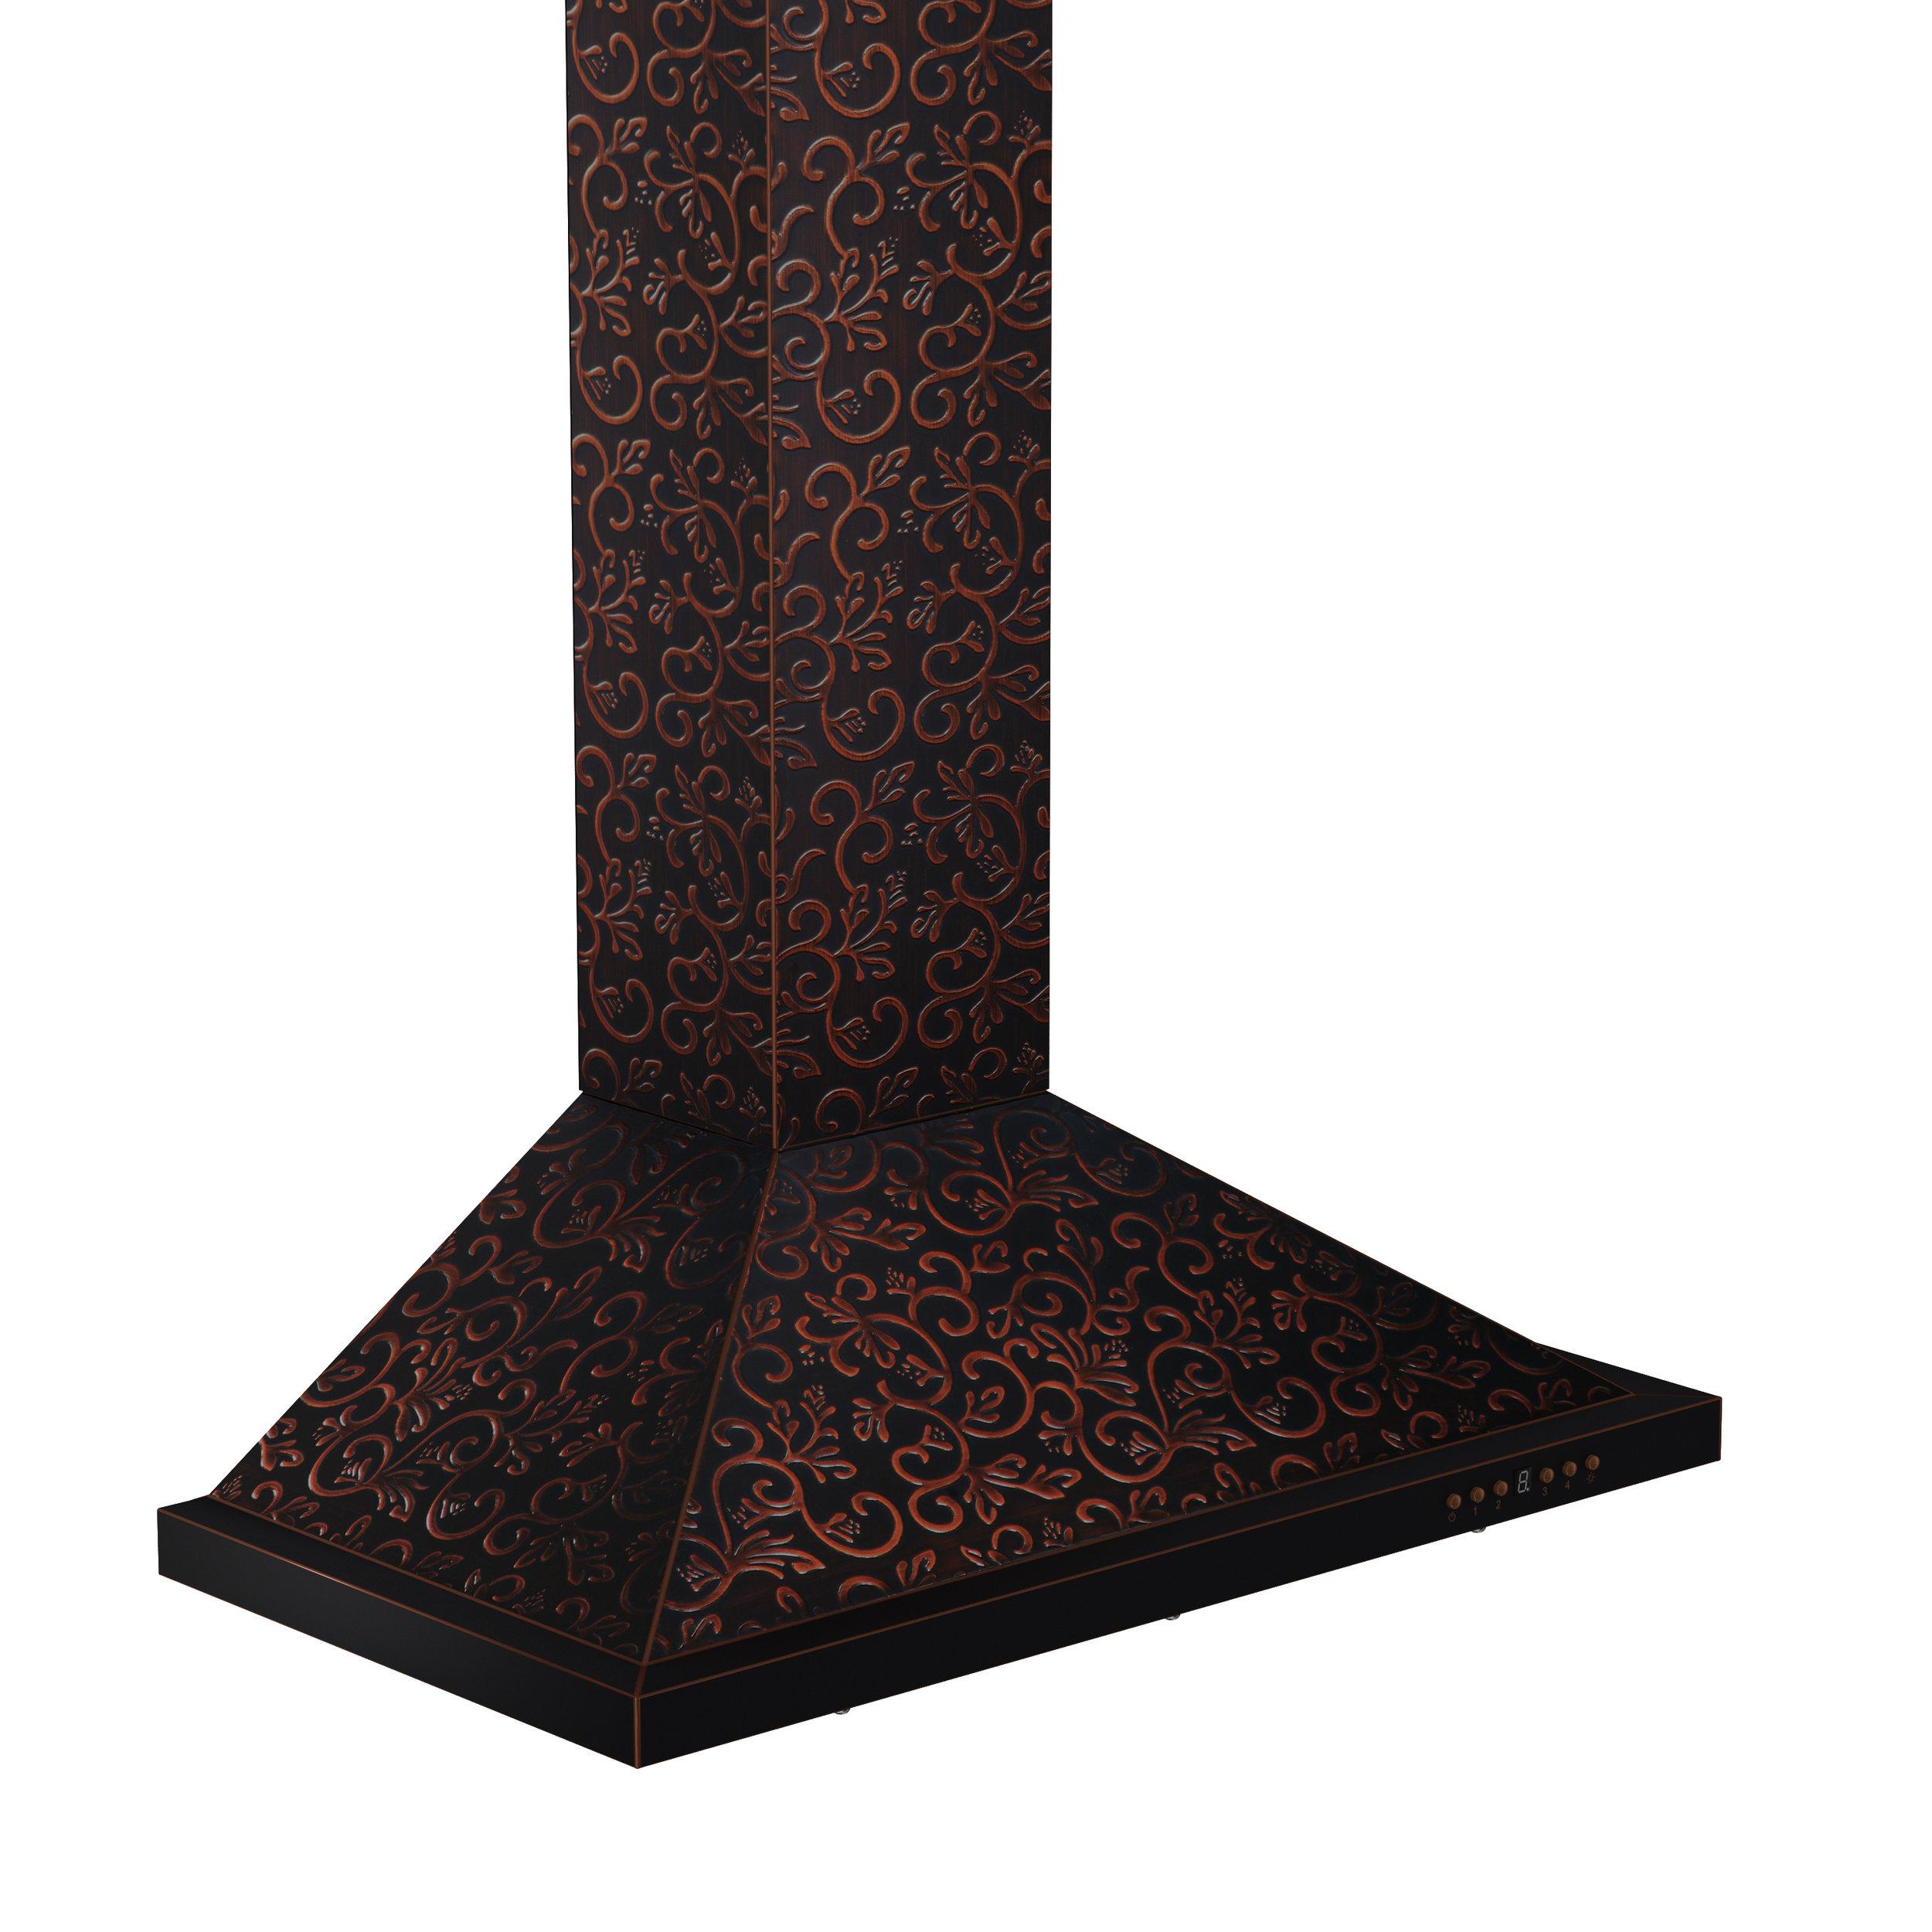 zline-copper-wall-mounted-range-hood-8KBF-top.jpg